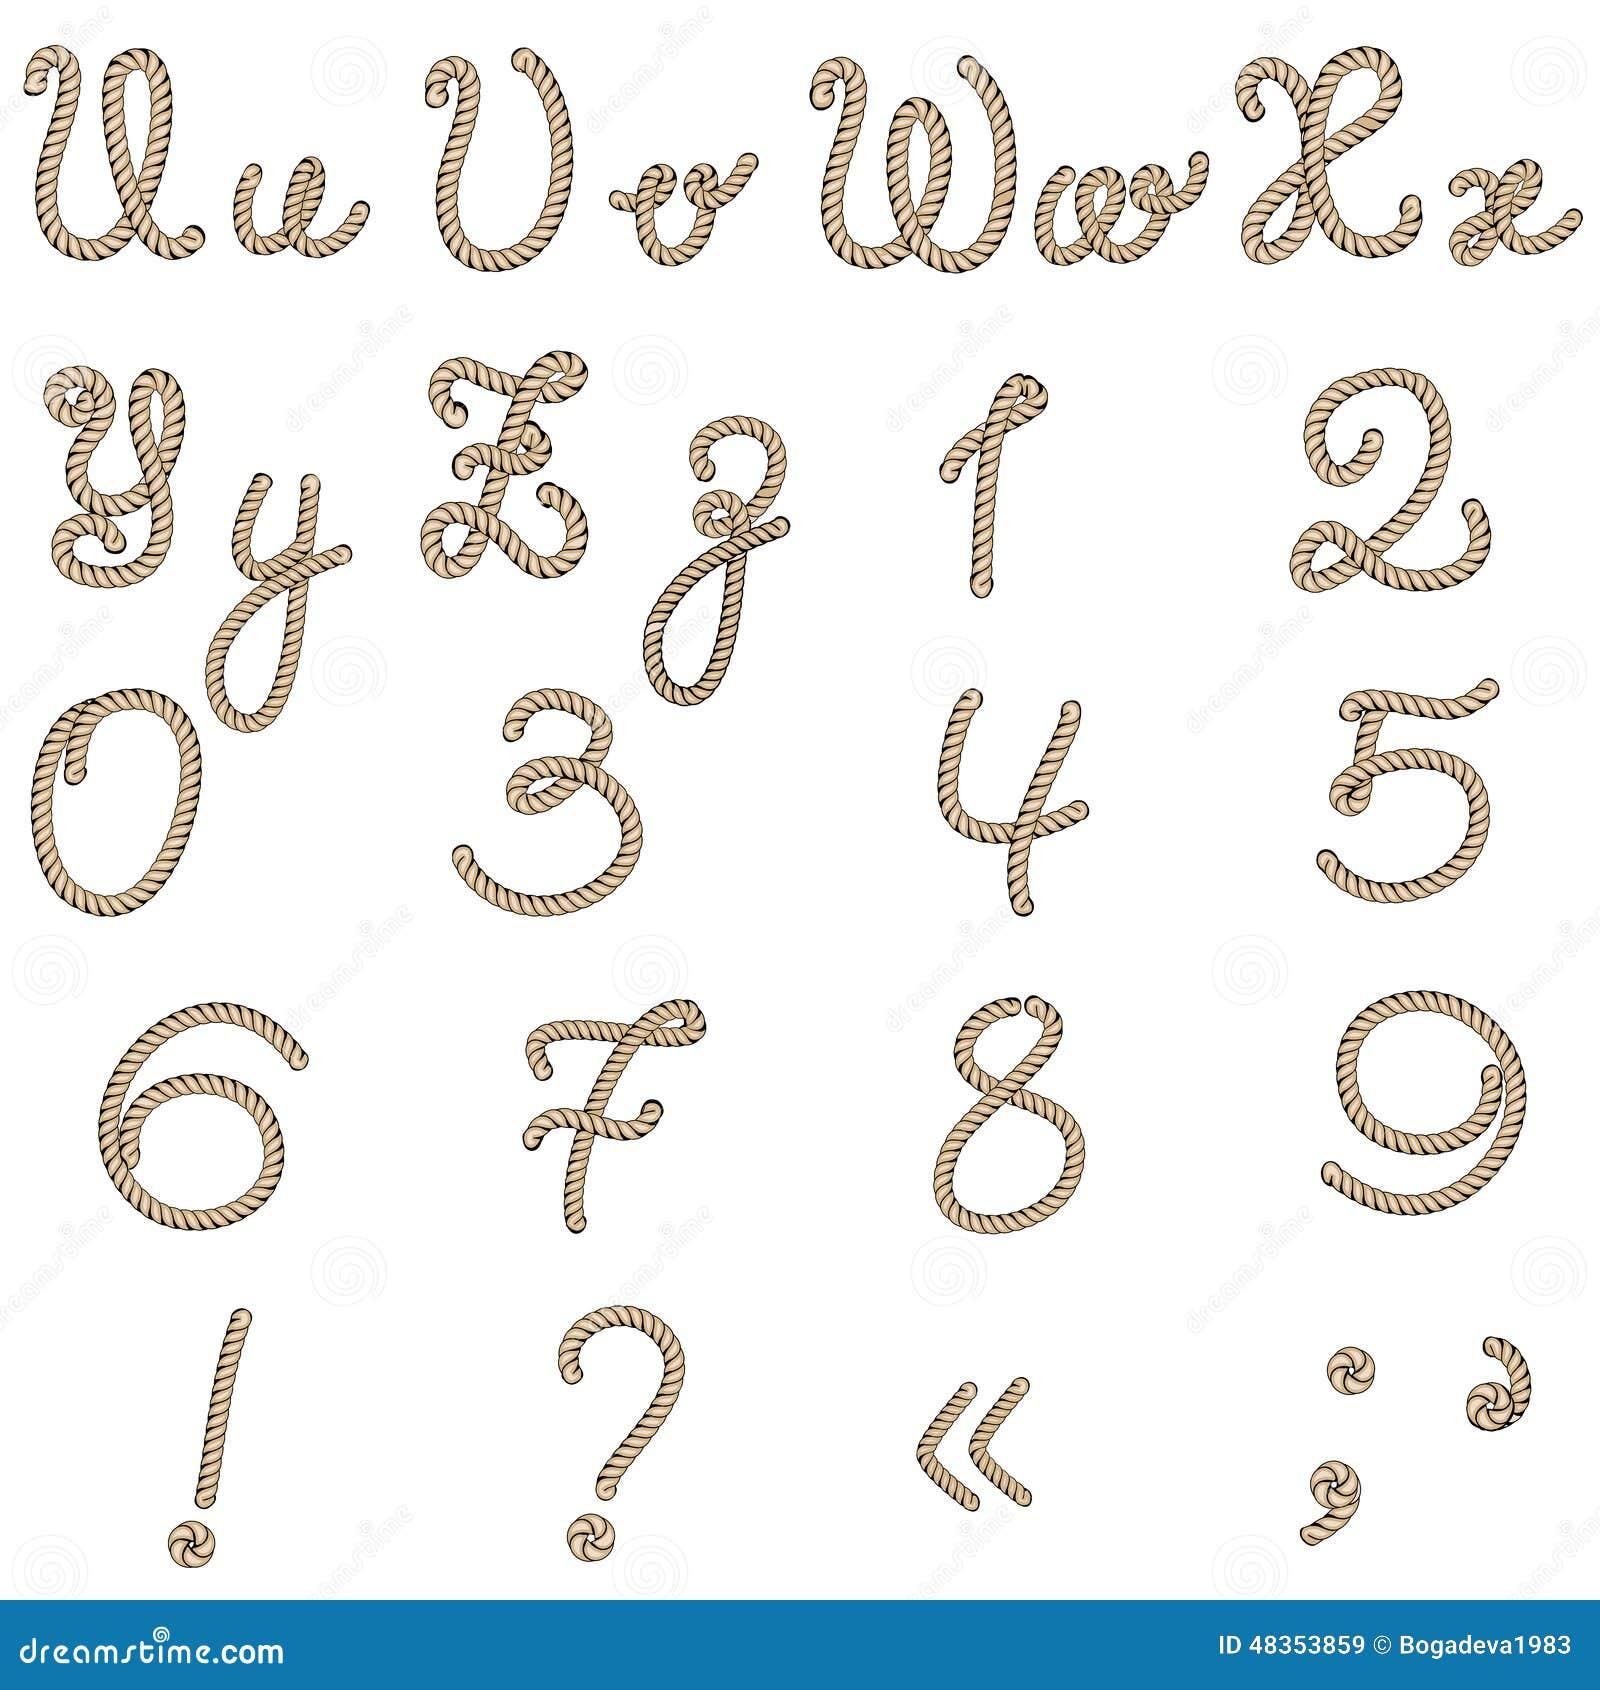 Viejo alfabeto de la cuerda de u a z